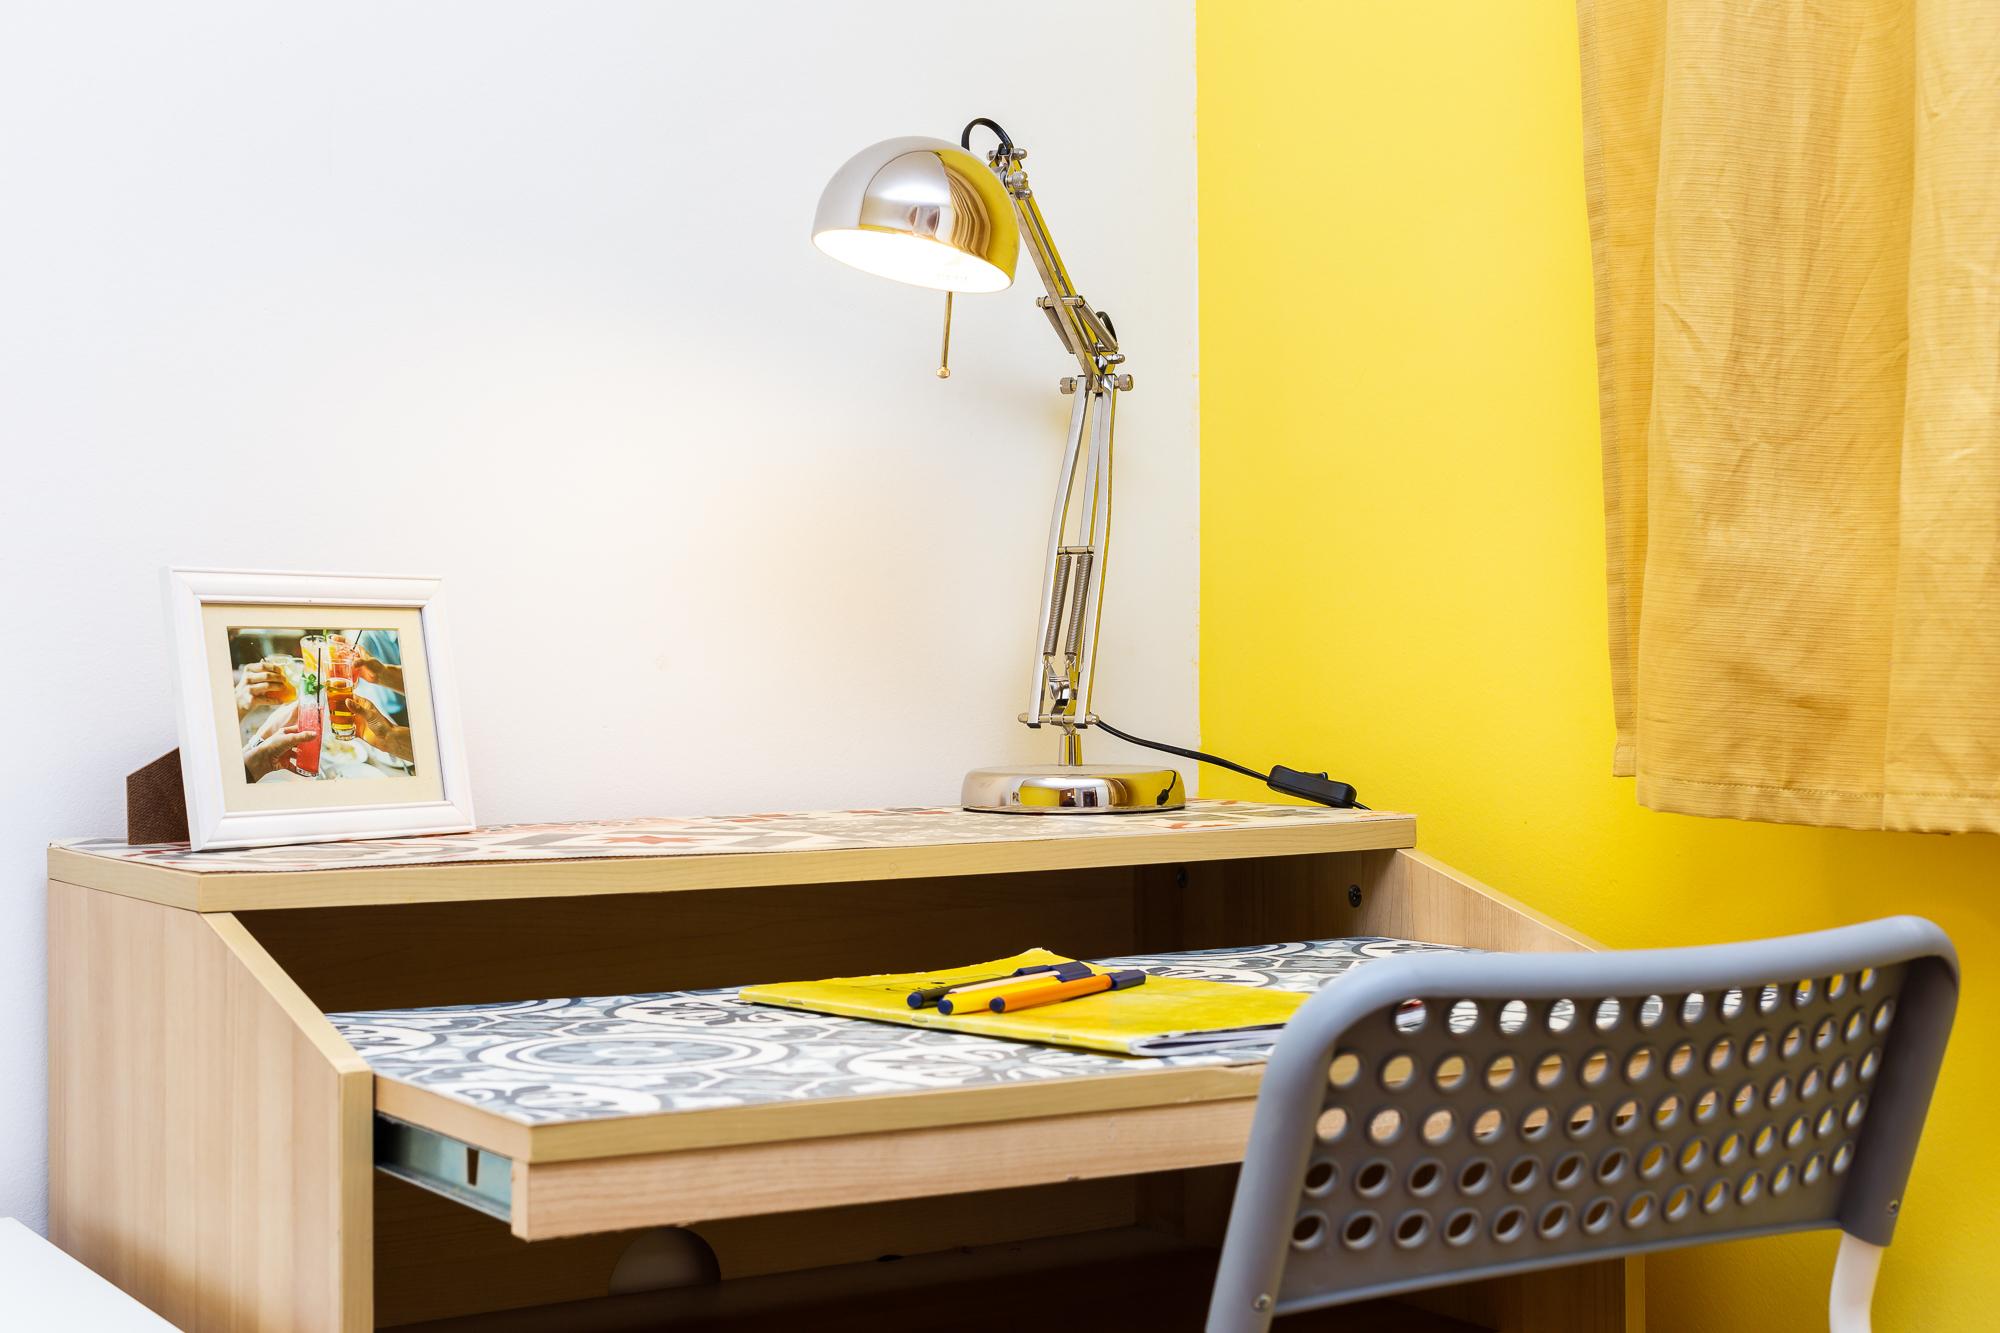 Desk - Light - Chair